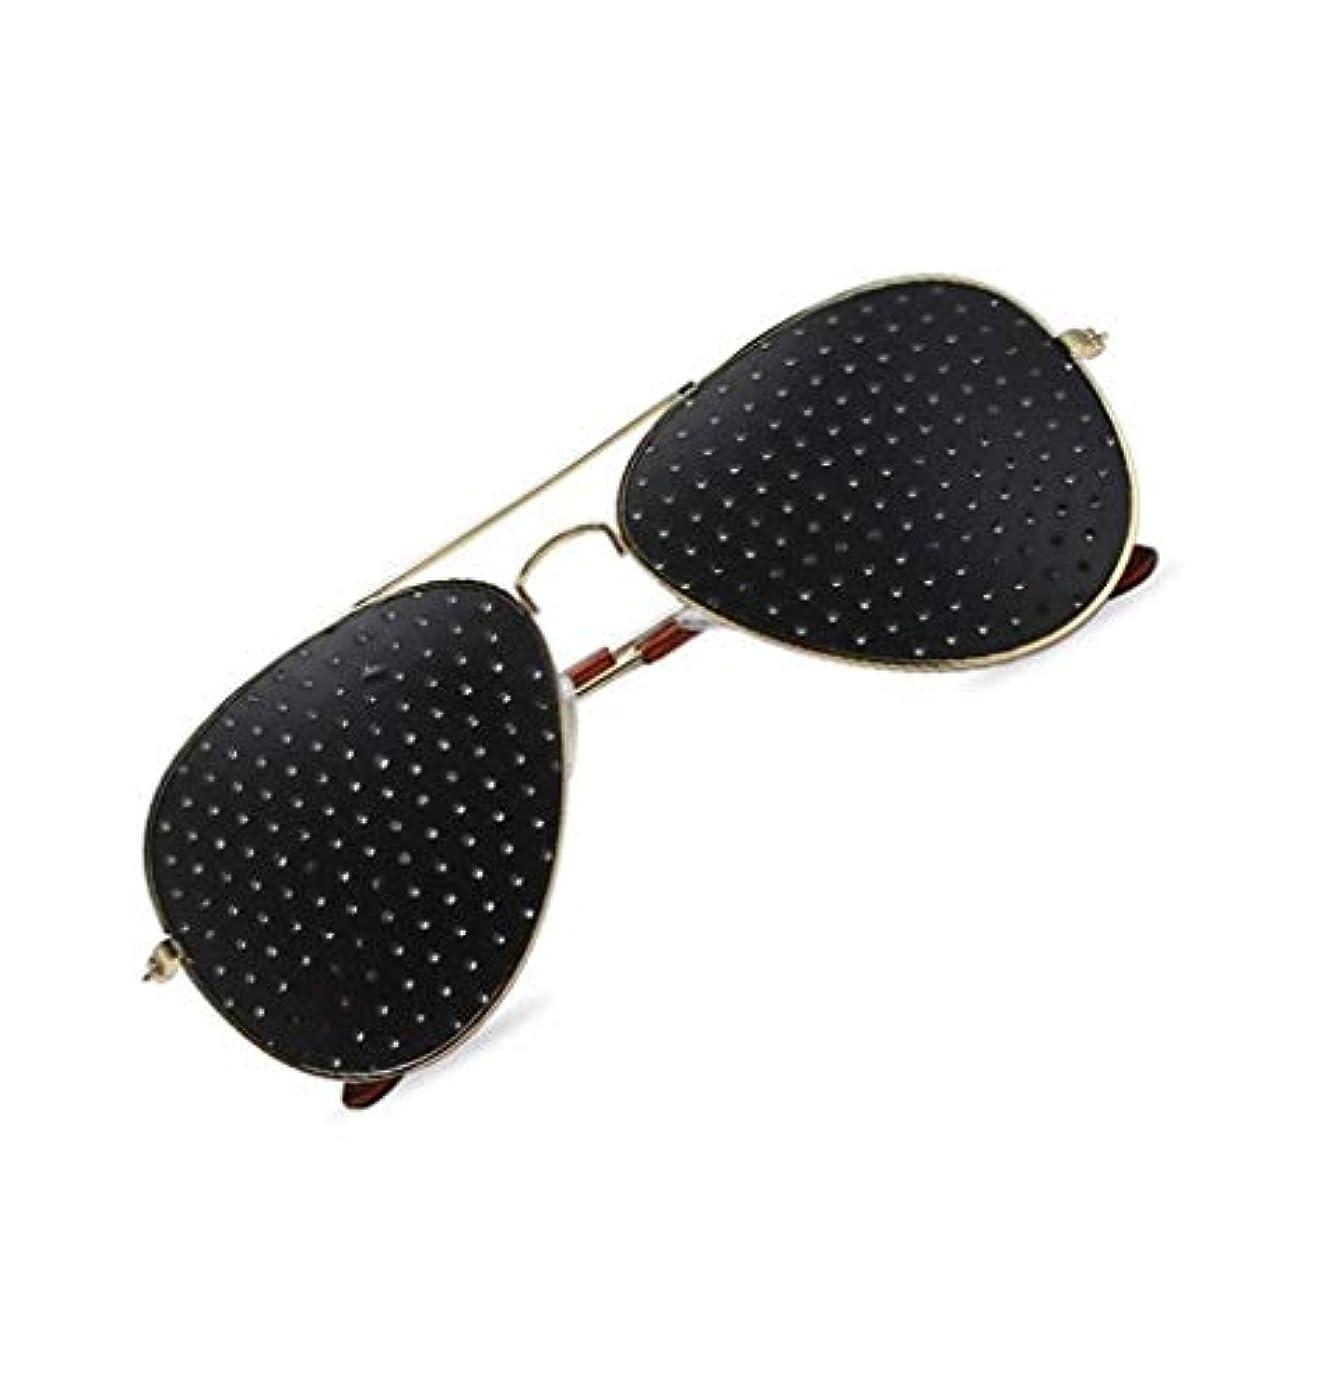 レコーダー豊富なヘルメットピンホールメガネ、視力矯正メガネ網状視力保護メガネ耐疲労性メガネ近視の防止メガネの改善